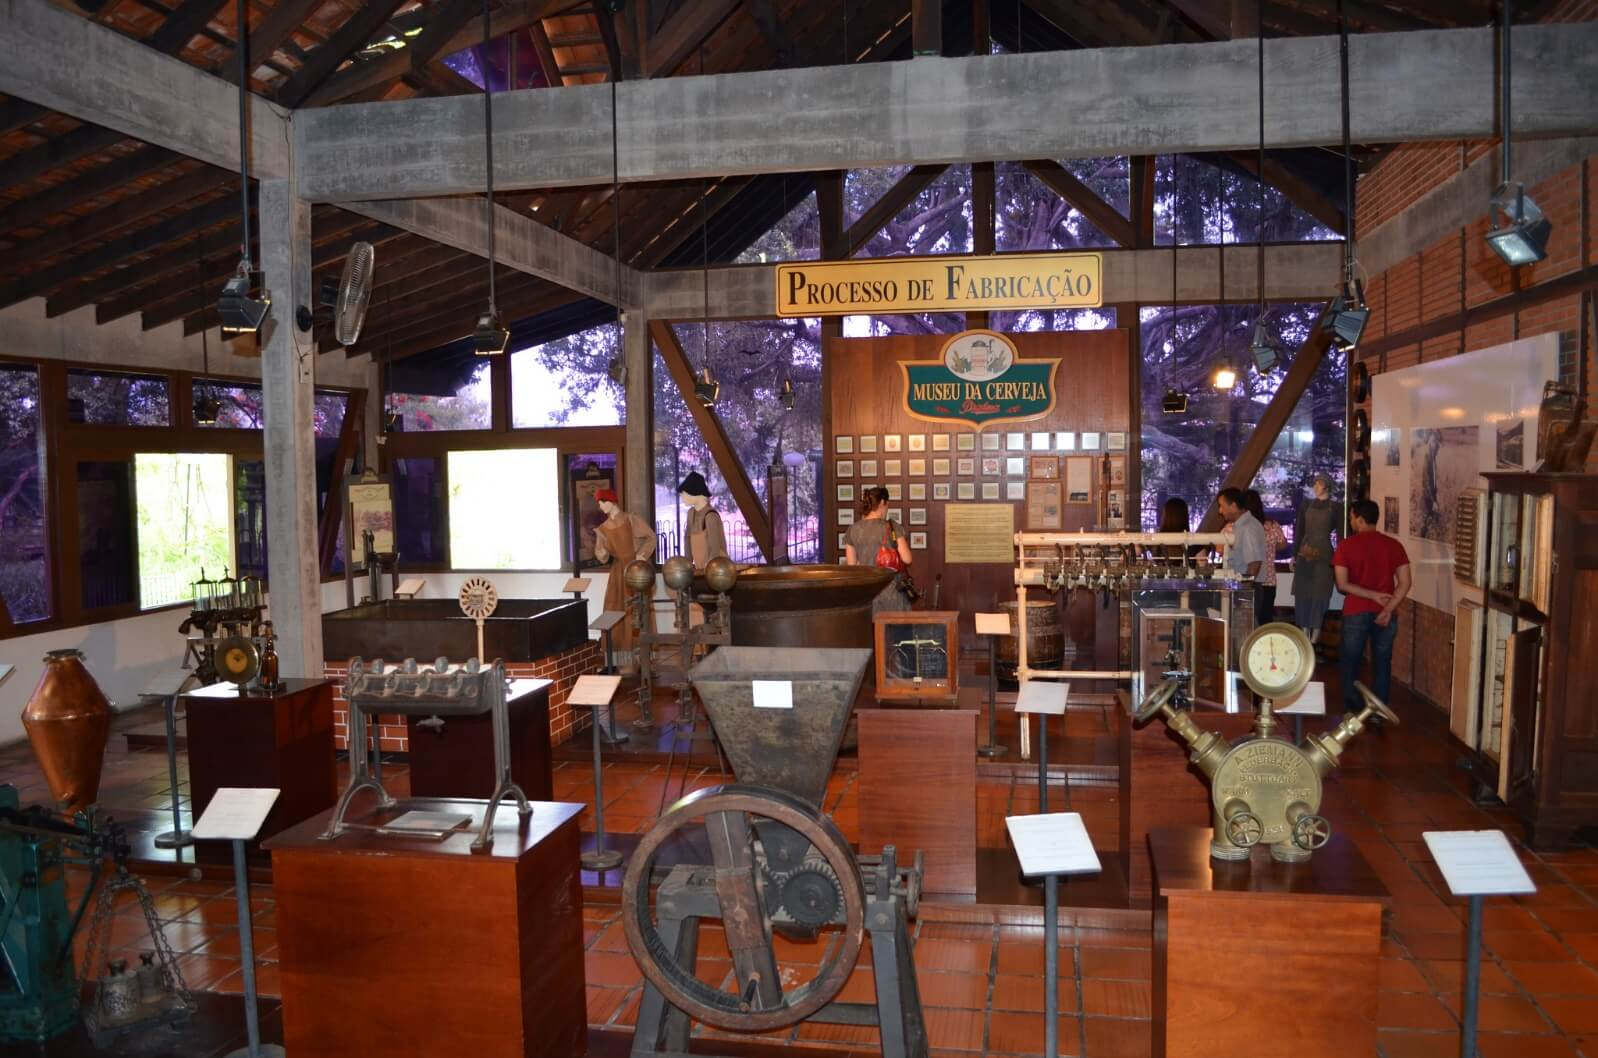 Museu da cerveja em Blumenau - processo de fabricação